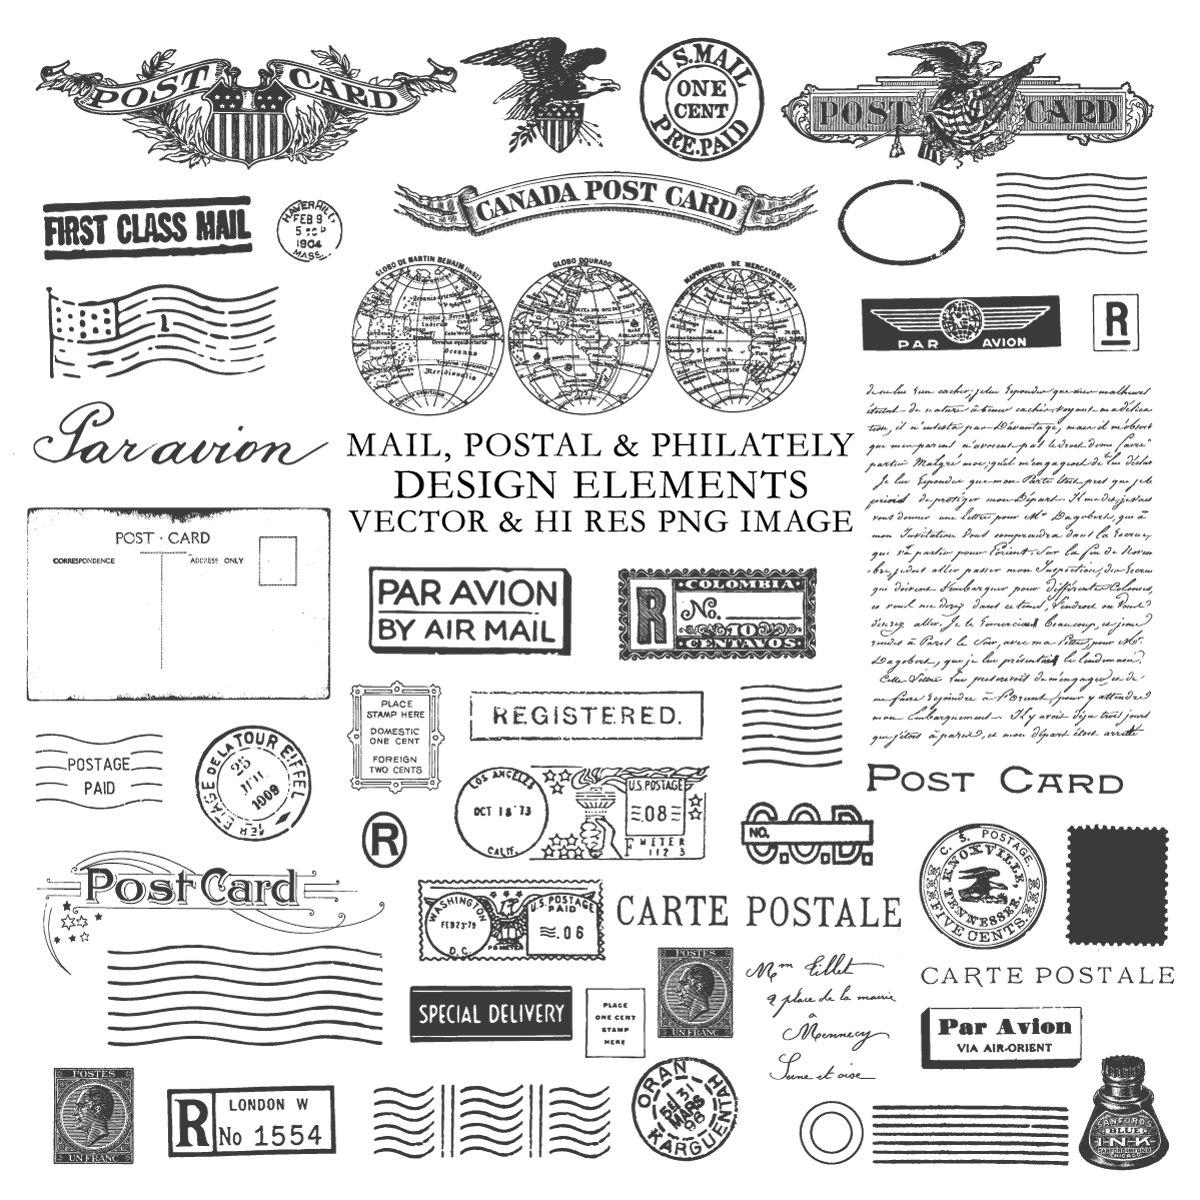 Ciipart post postage ephemera. Postcard clipart postal